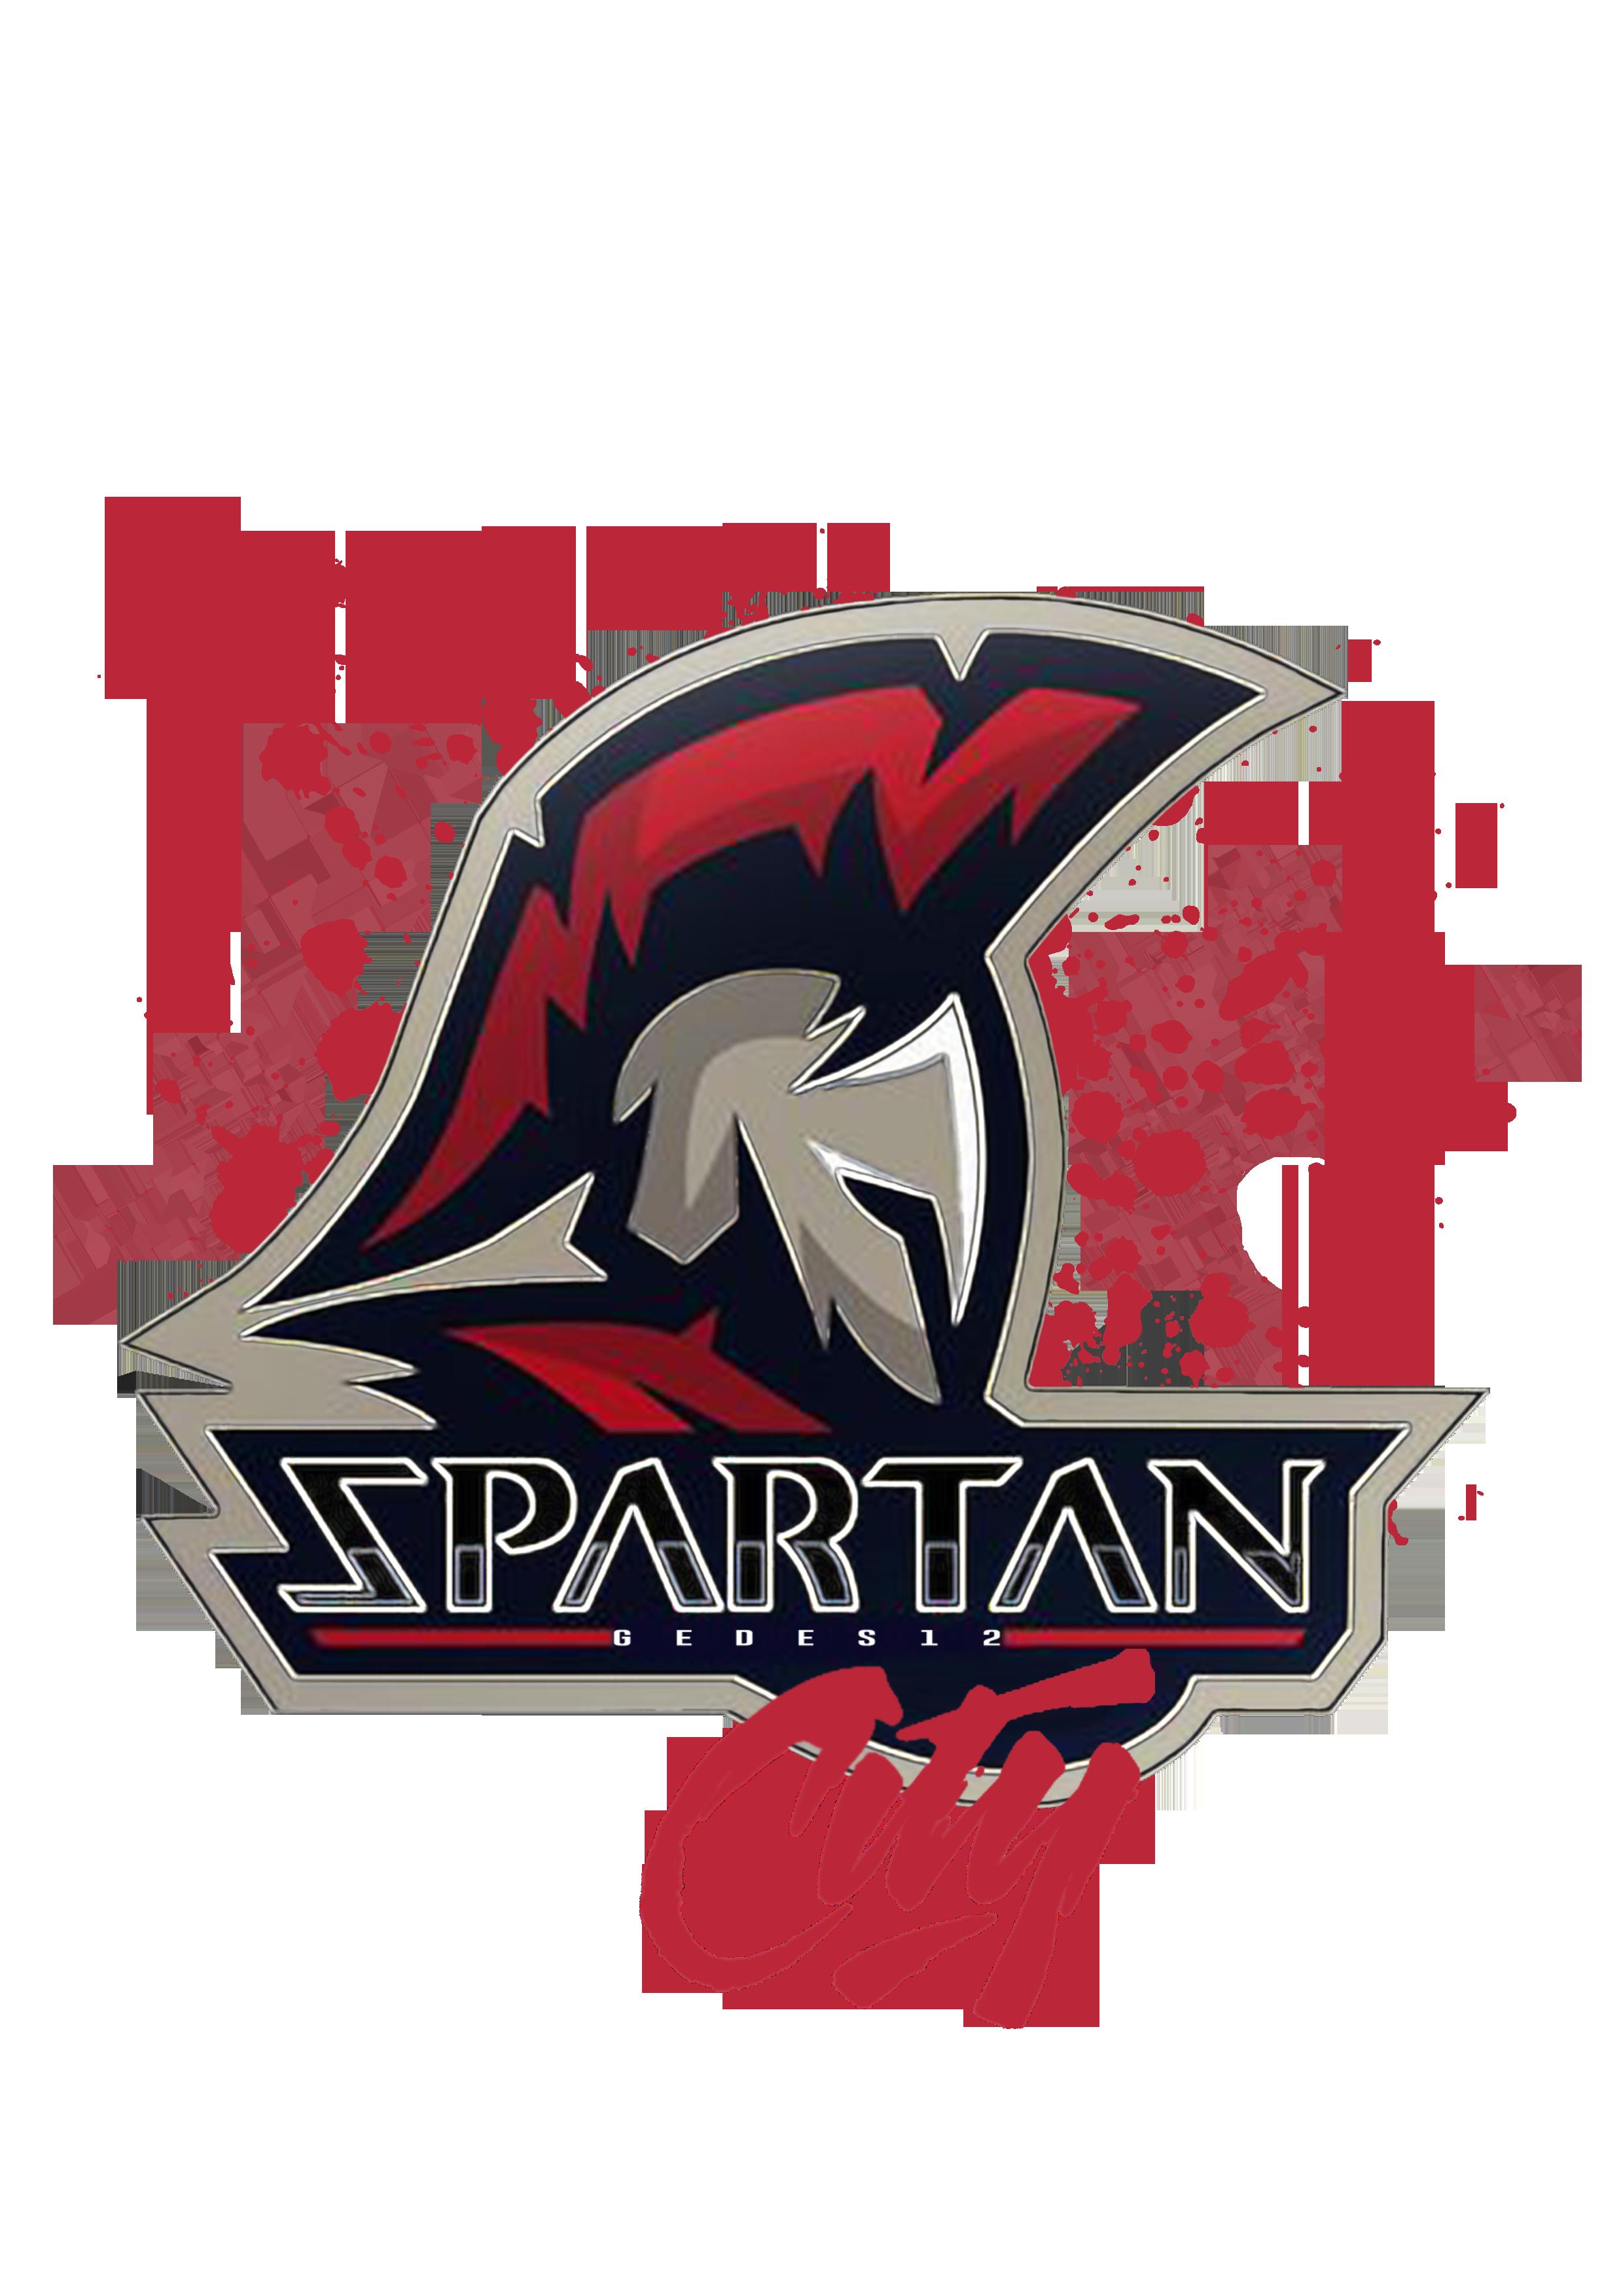 Spartan City Gedes12 Design Cavaliers logo, Sport team